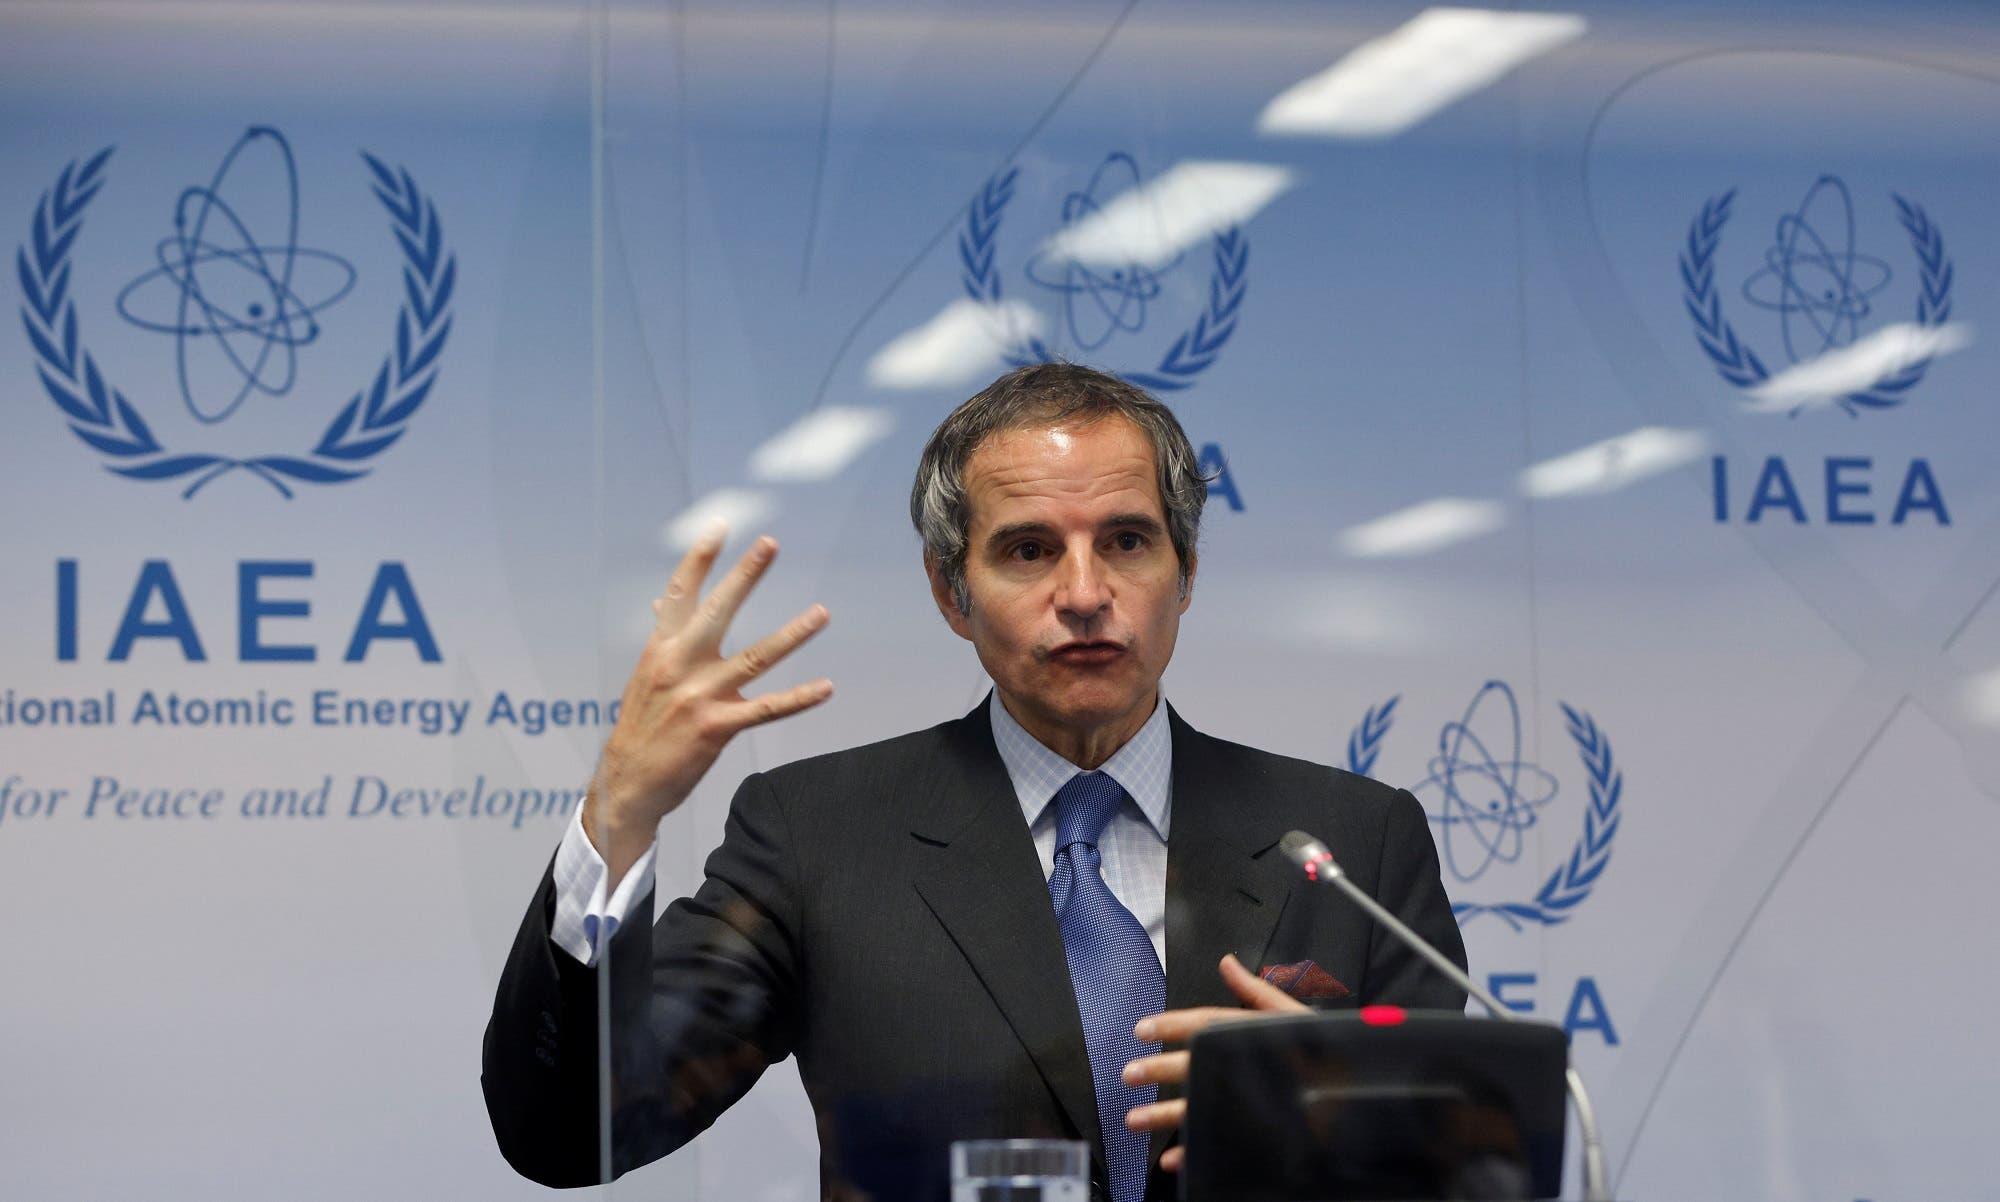 المدير العام للوكالة الدولية للطاقة الذرية رفائيل غروسي يتحدث في فيينا